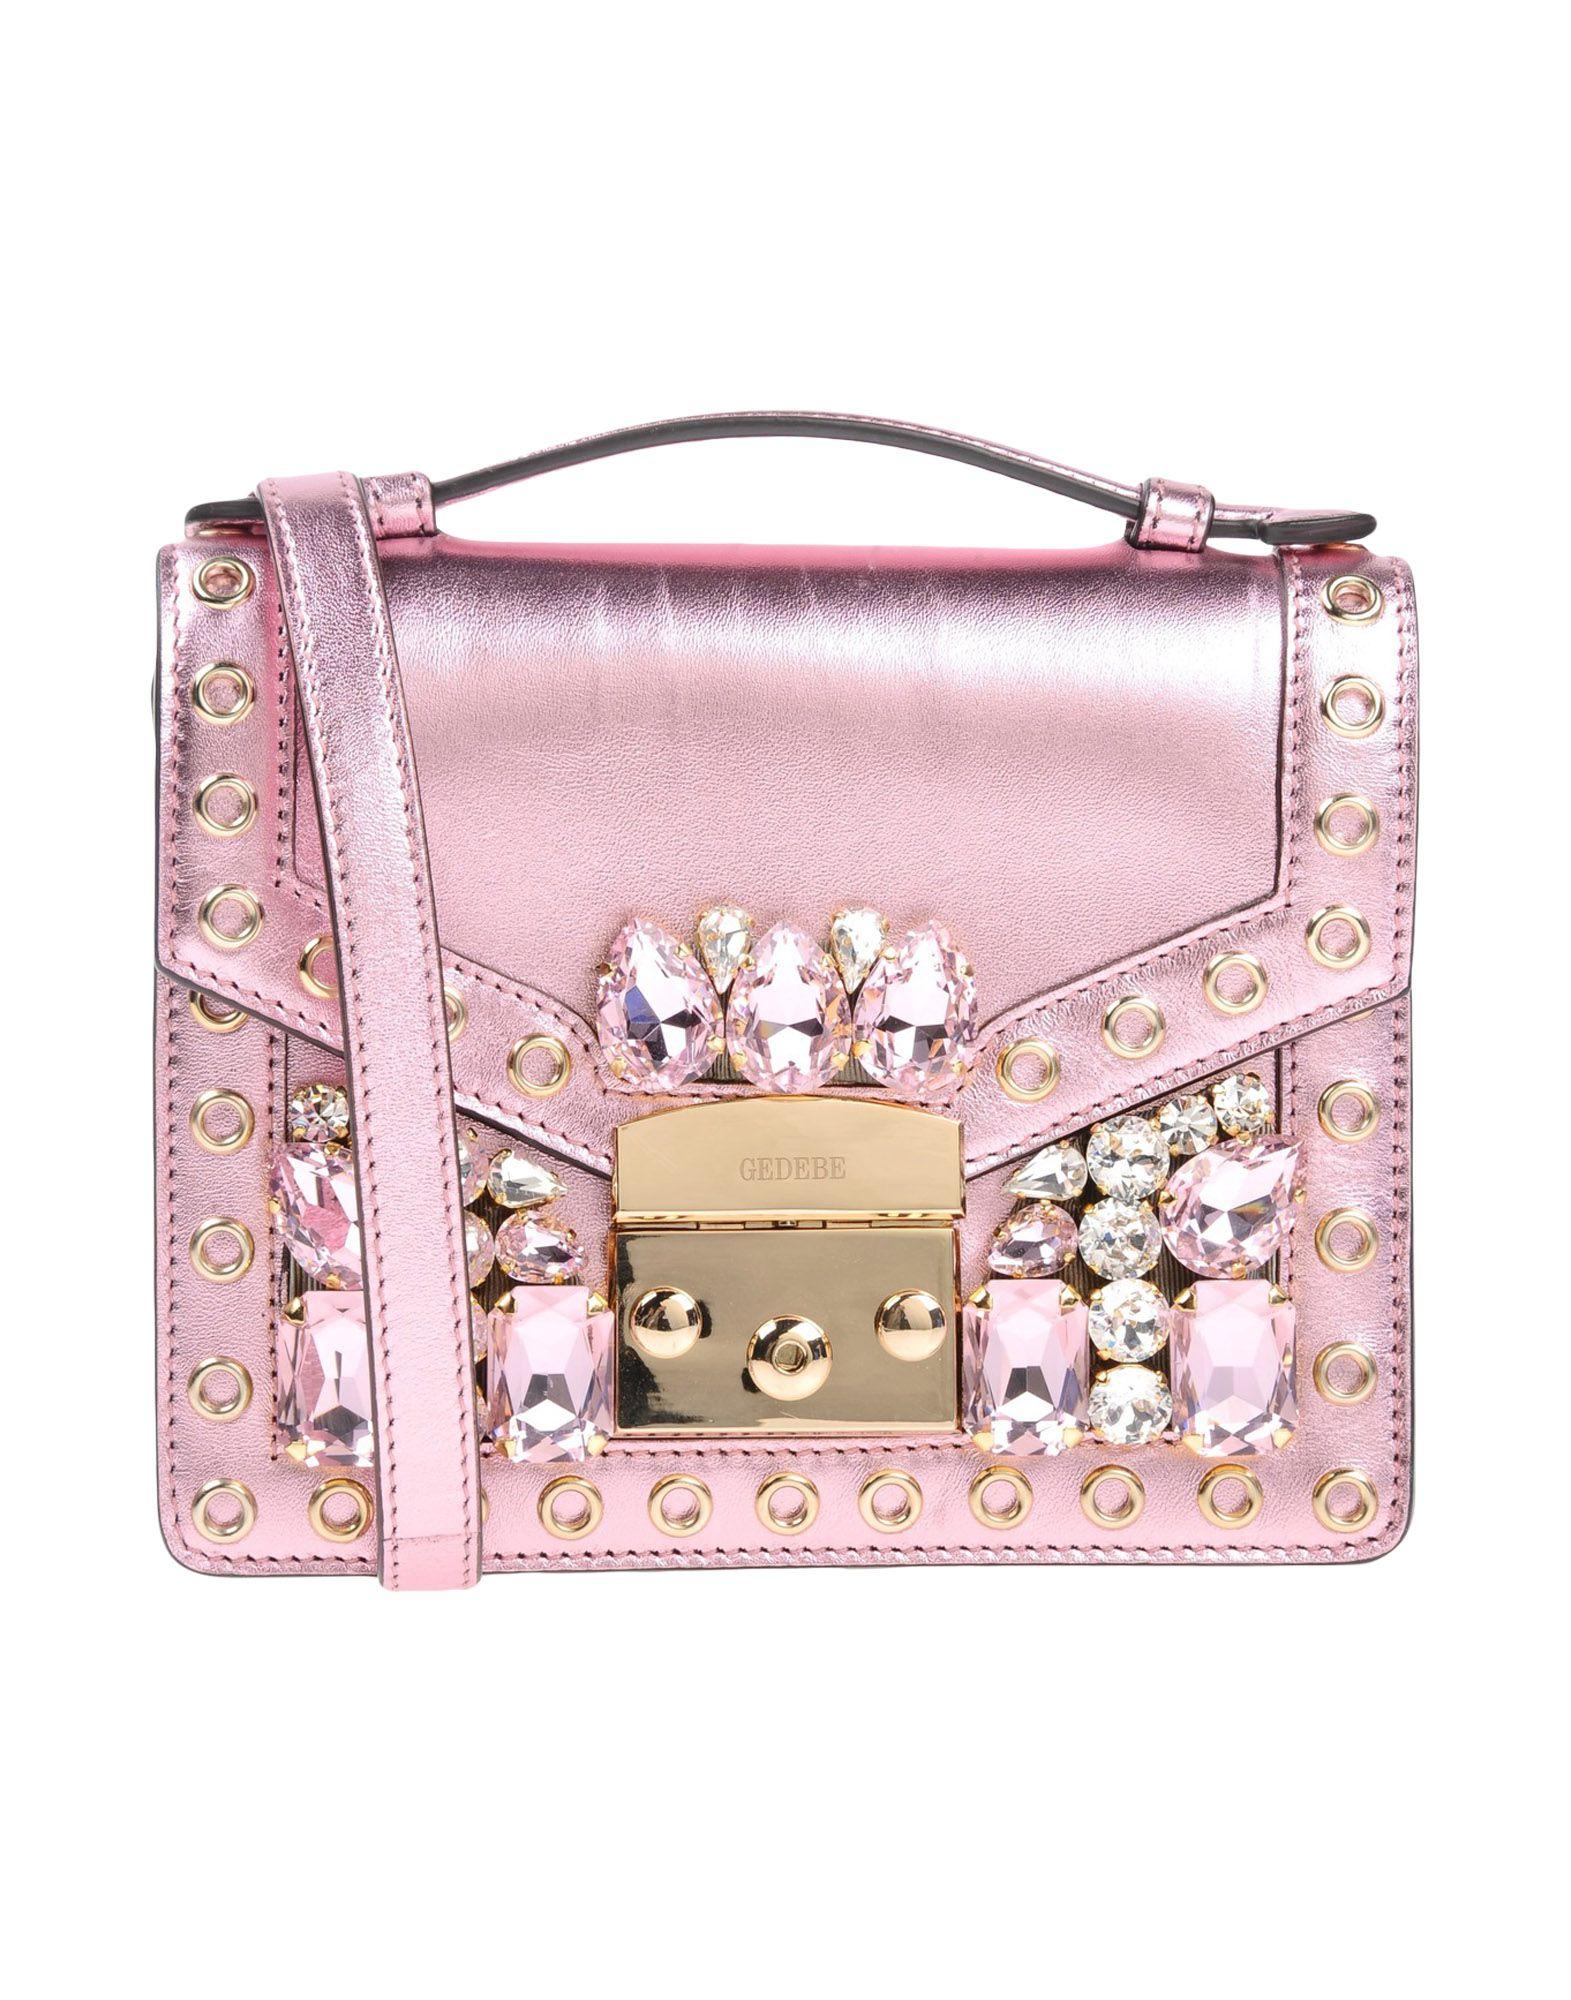 Gedebe Handbag In Pink  2ae0c1908098c